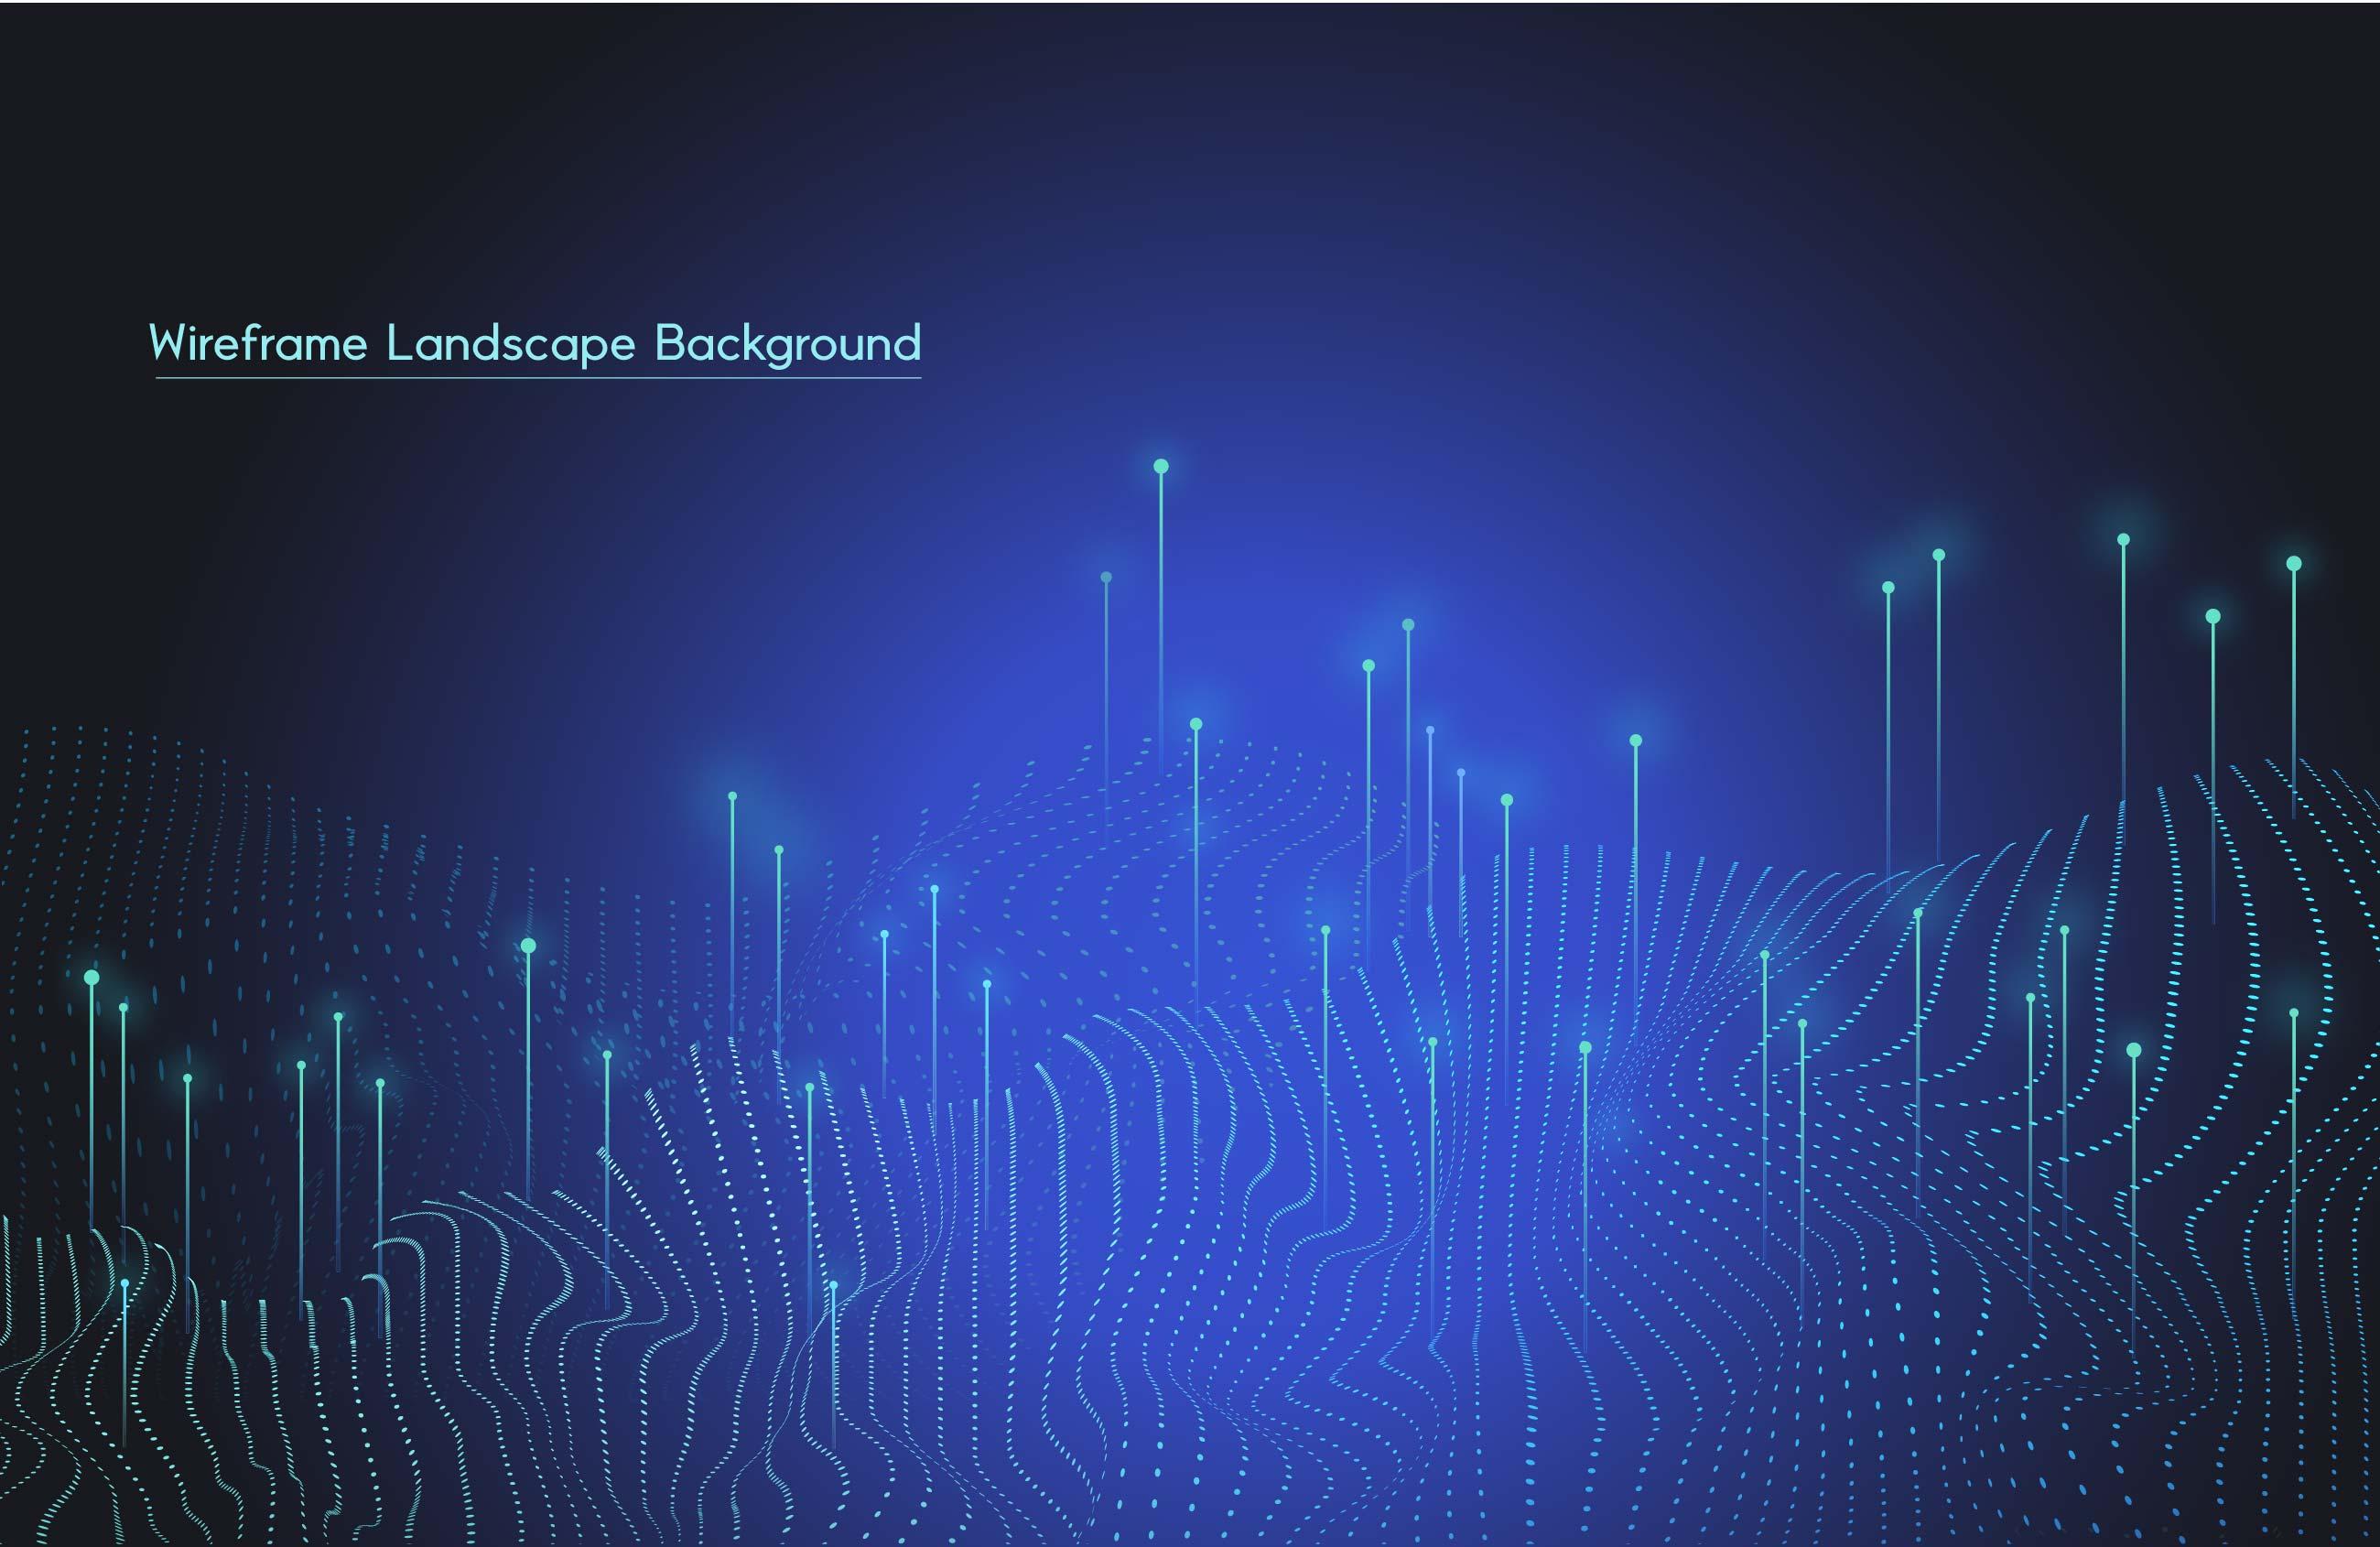 [单独购买] 9款未来科幻网络科技互联网大数据背景AI矢量素材 Big Data Vector Background插图2